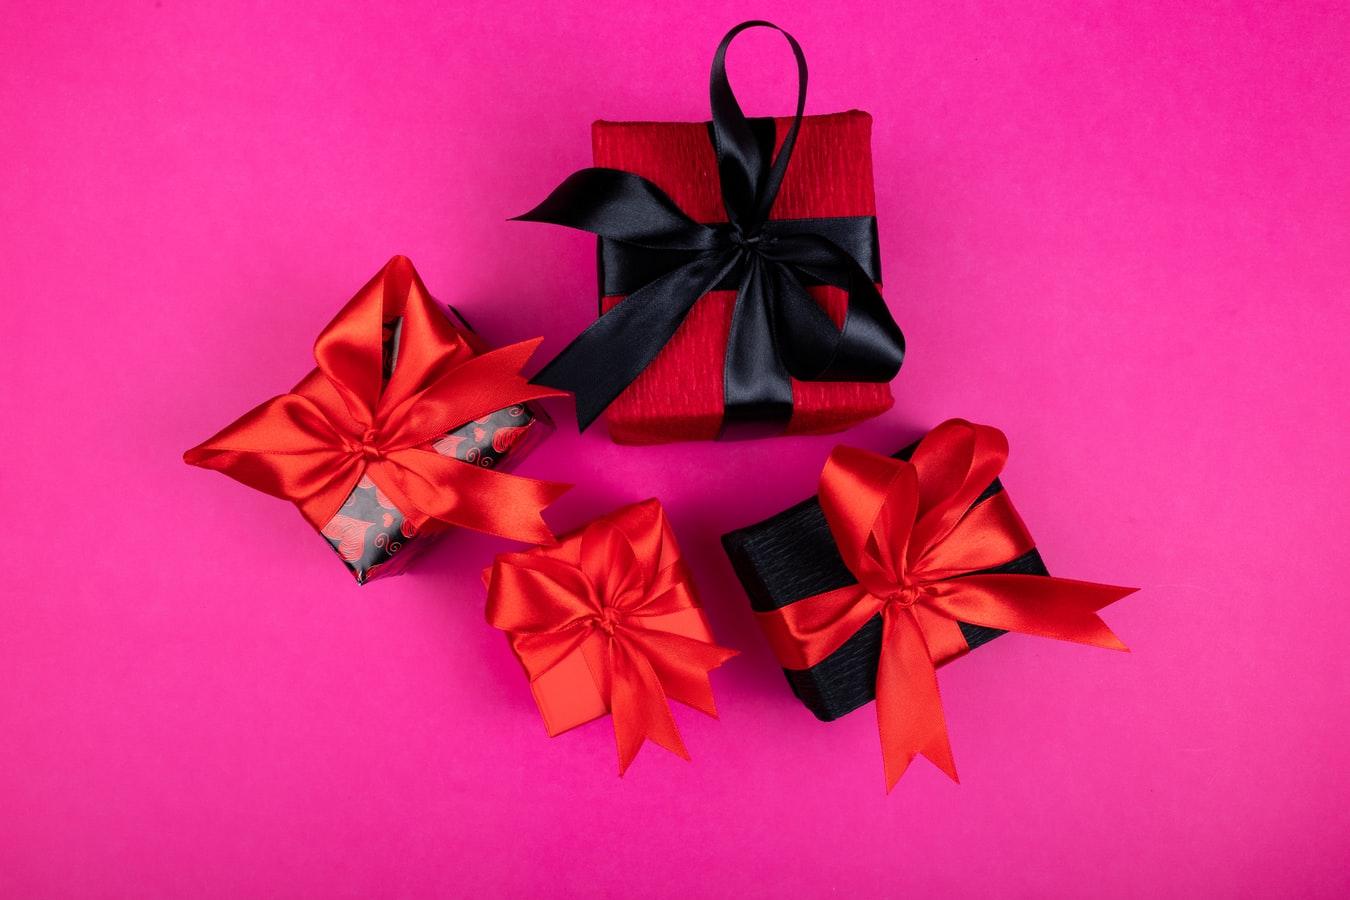 【友達以上恋人未満】の男性にクリスマスプレゼントをあげる時のポイントって?